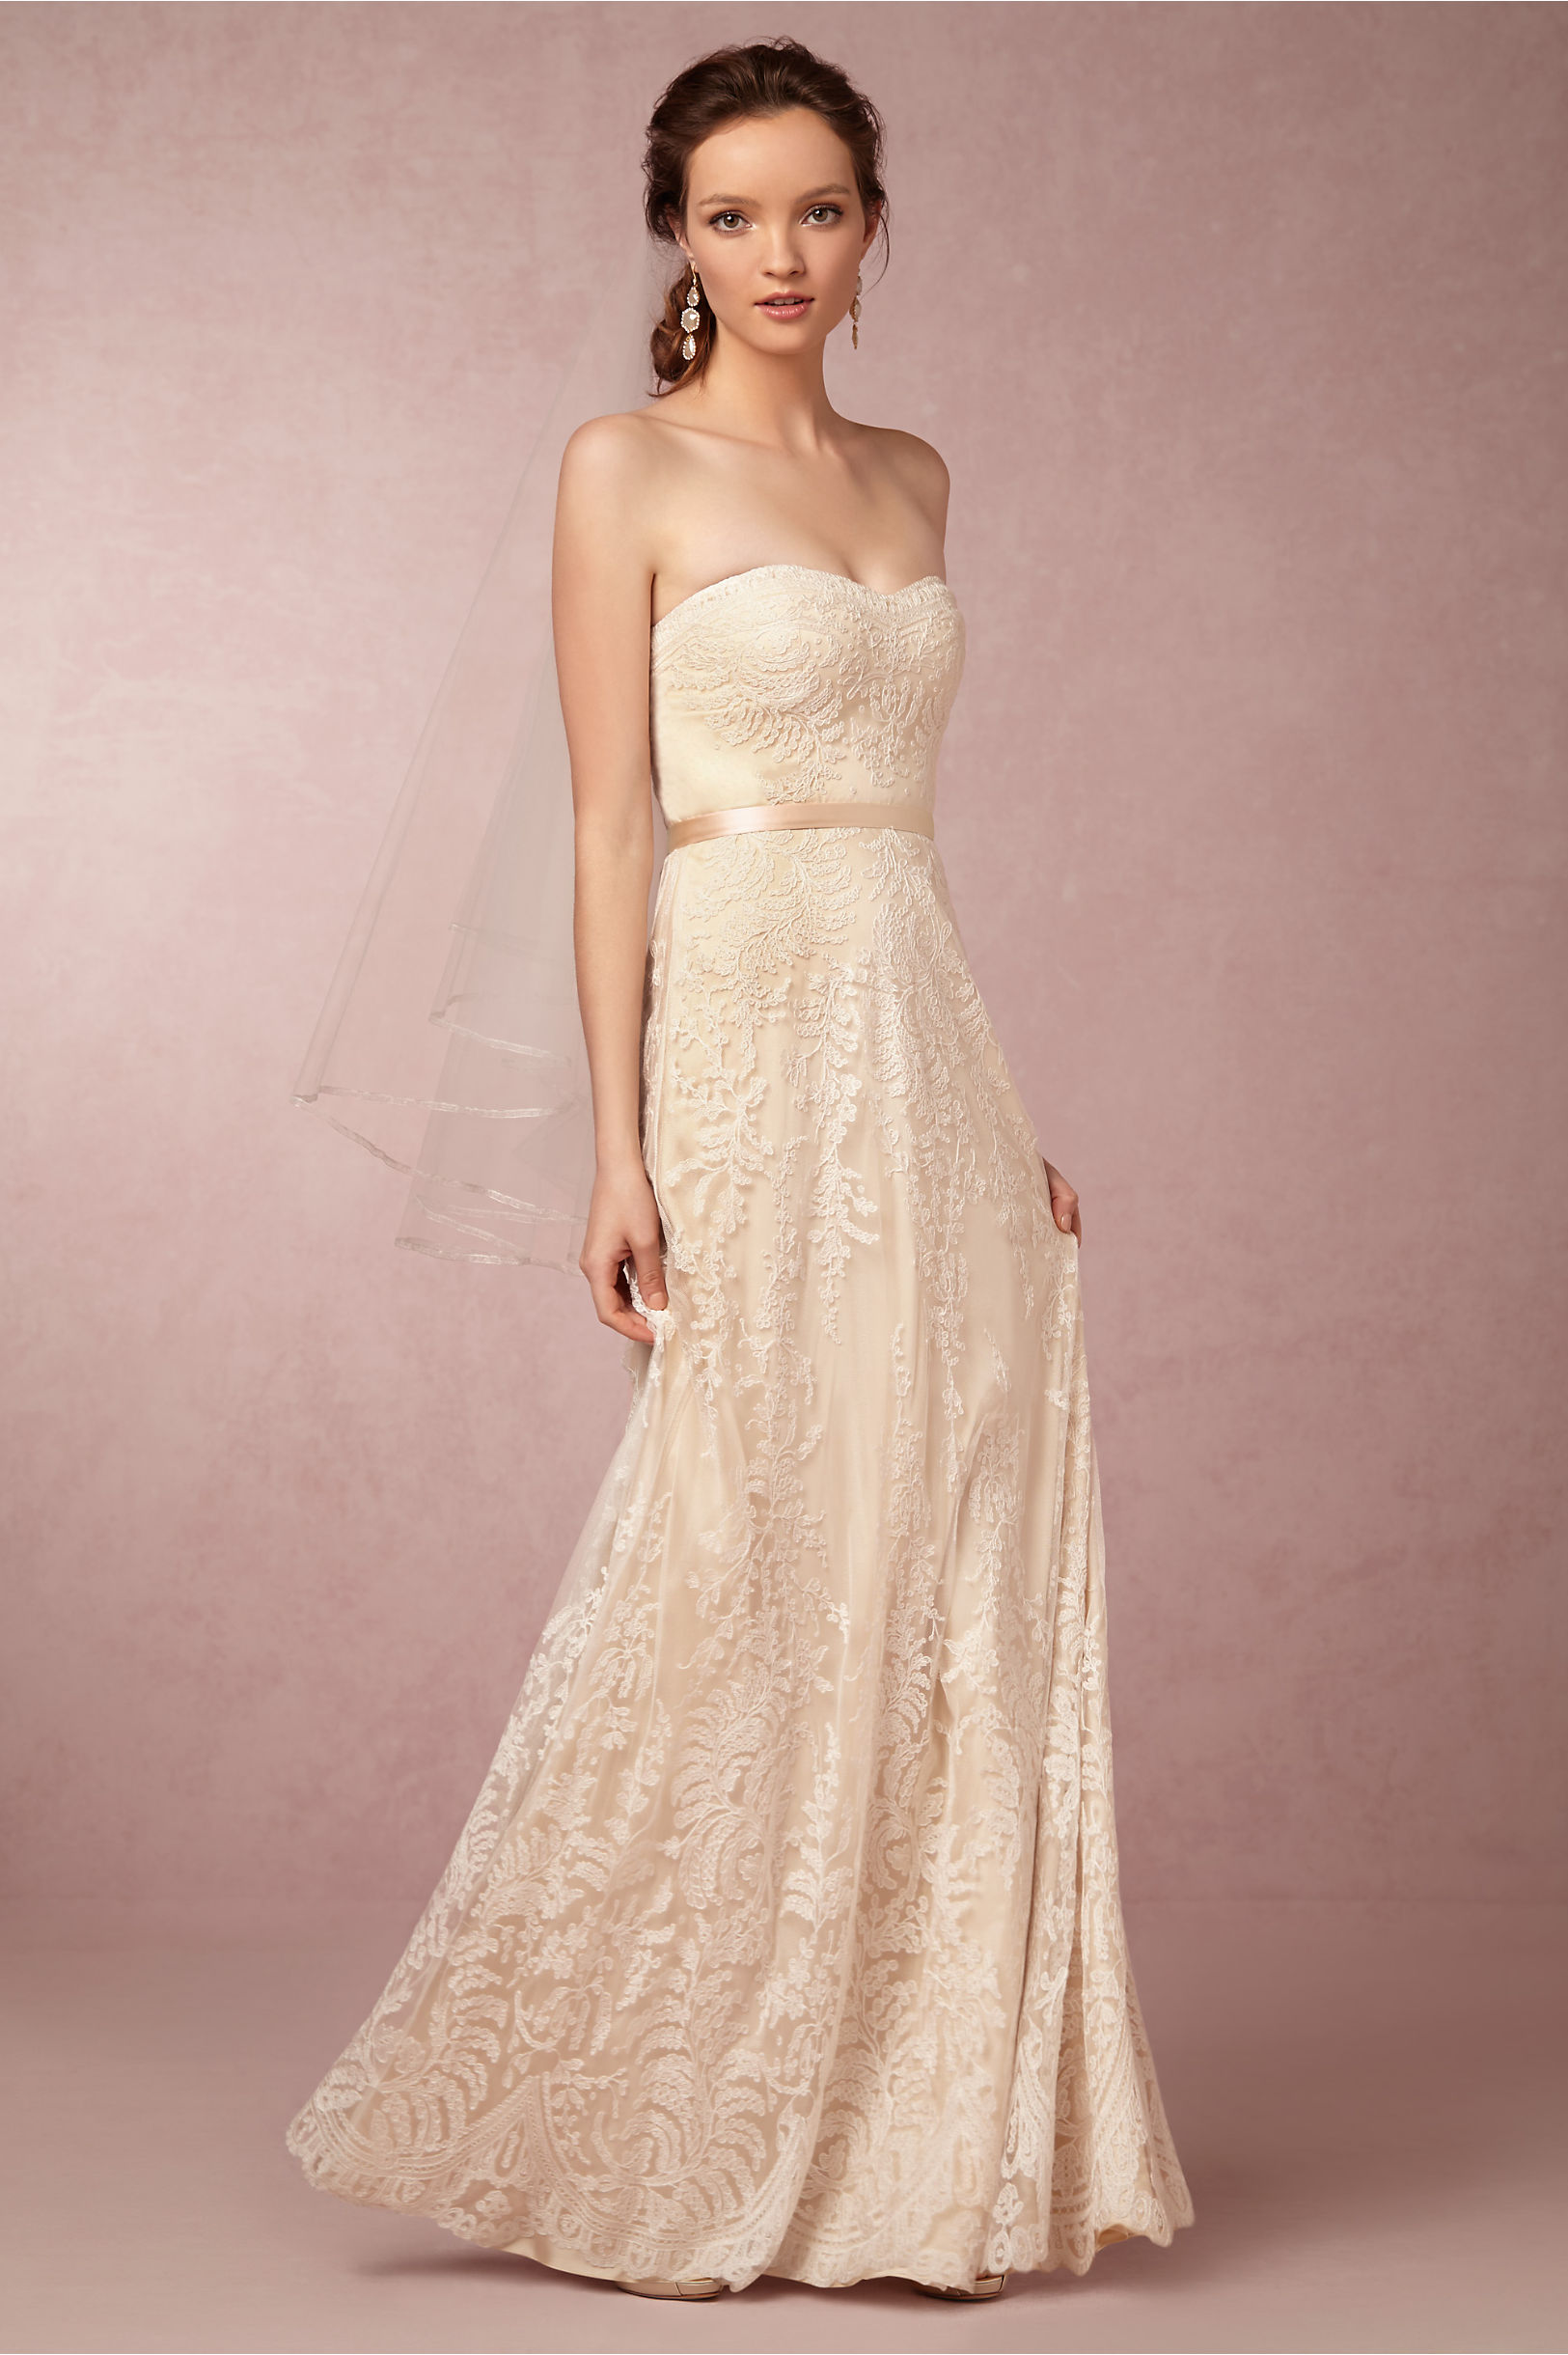 Zahara Gown in Bride | BHLDN